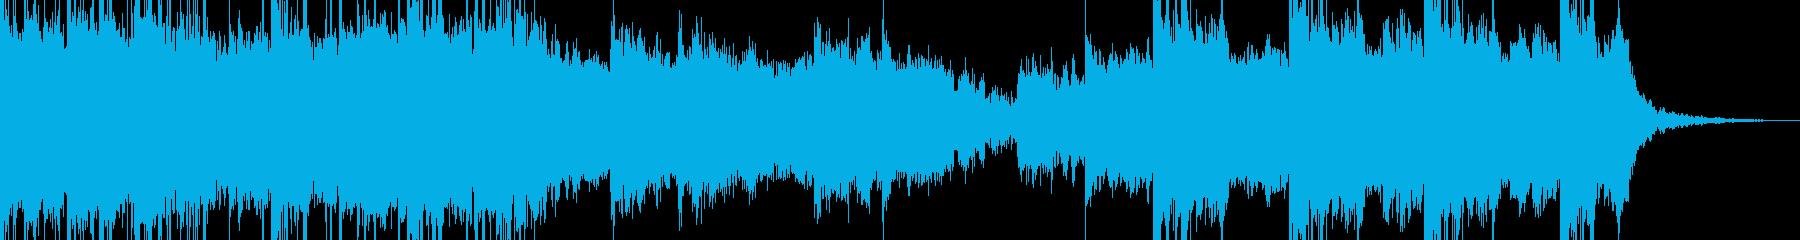 パラレル空間を連想させるオーケストラの再生済みの波形